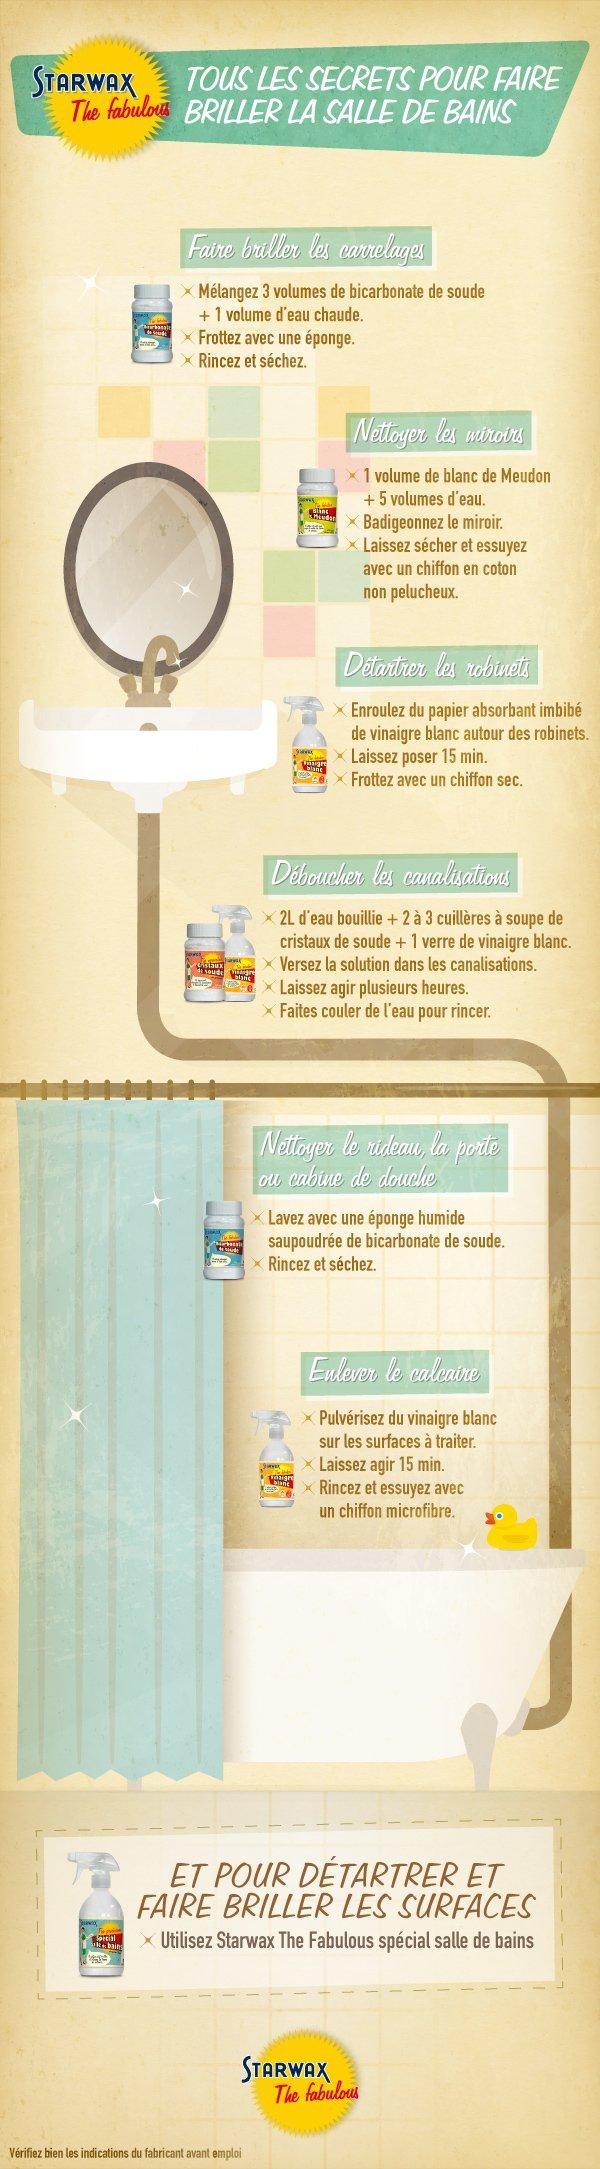 les 6 meilleures astuces pour une salle de bain propre et nette. Black Bedroom Furniture Sets. Home Design Ideas